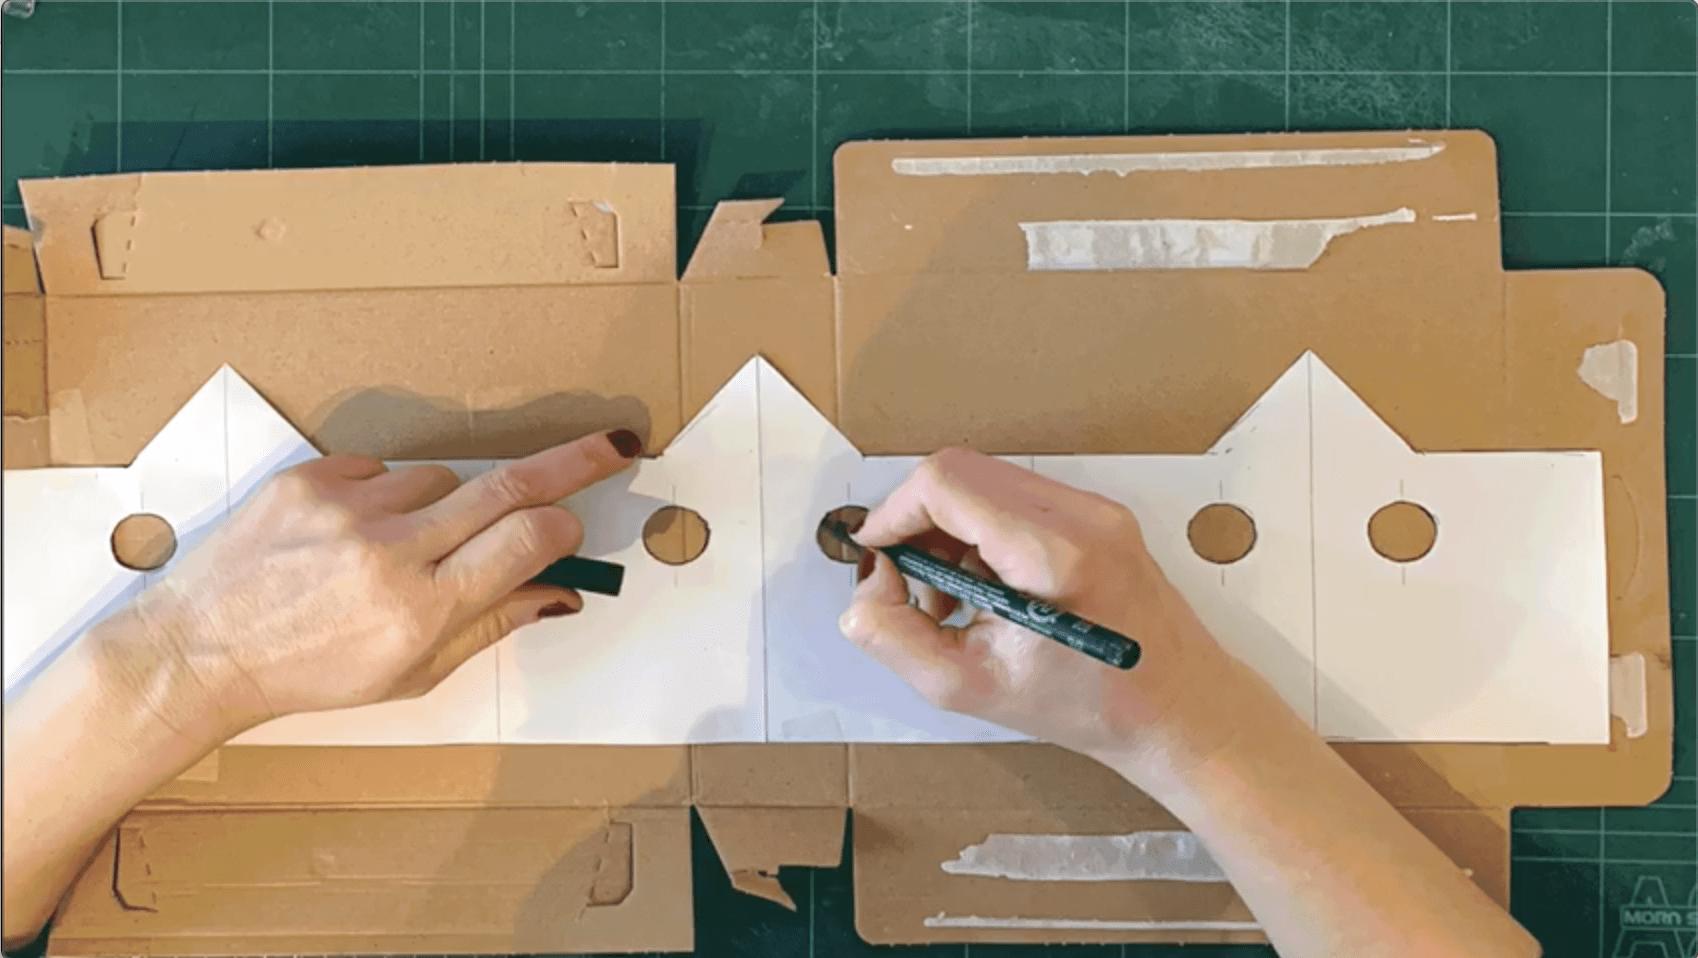 El Protector de manillas DIY que evita contagios que puedes construir gratis 70